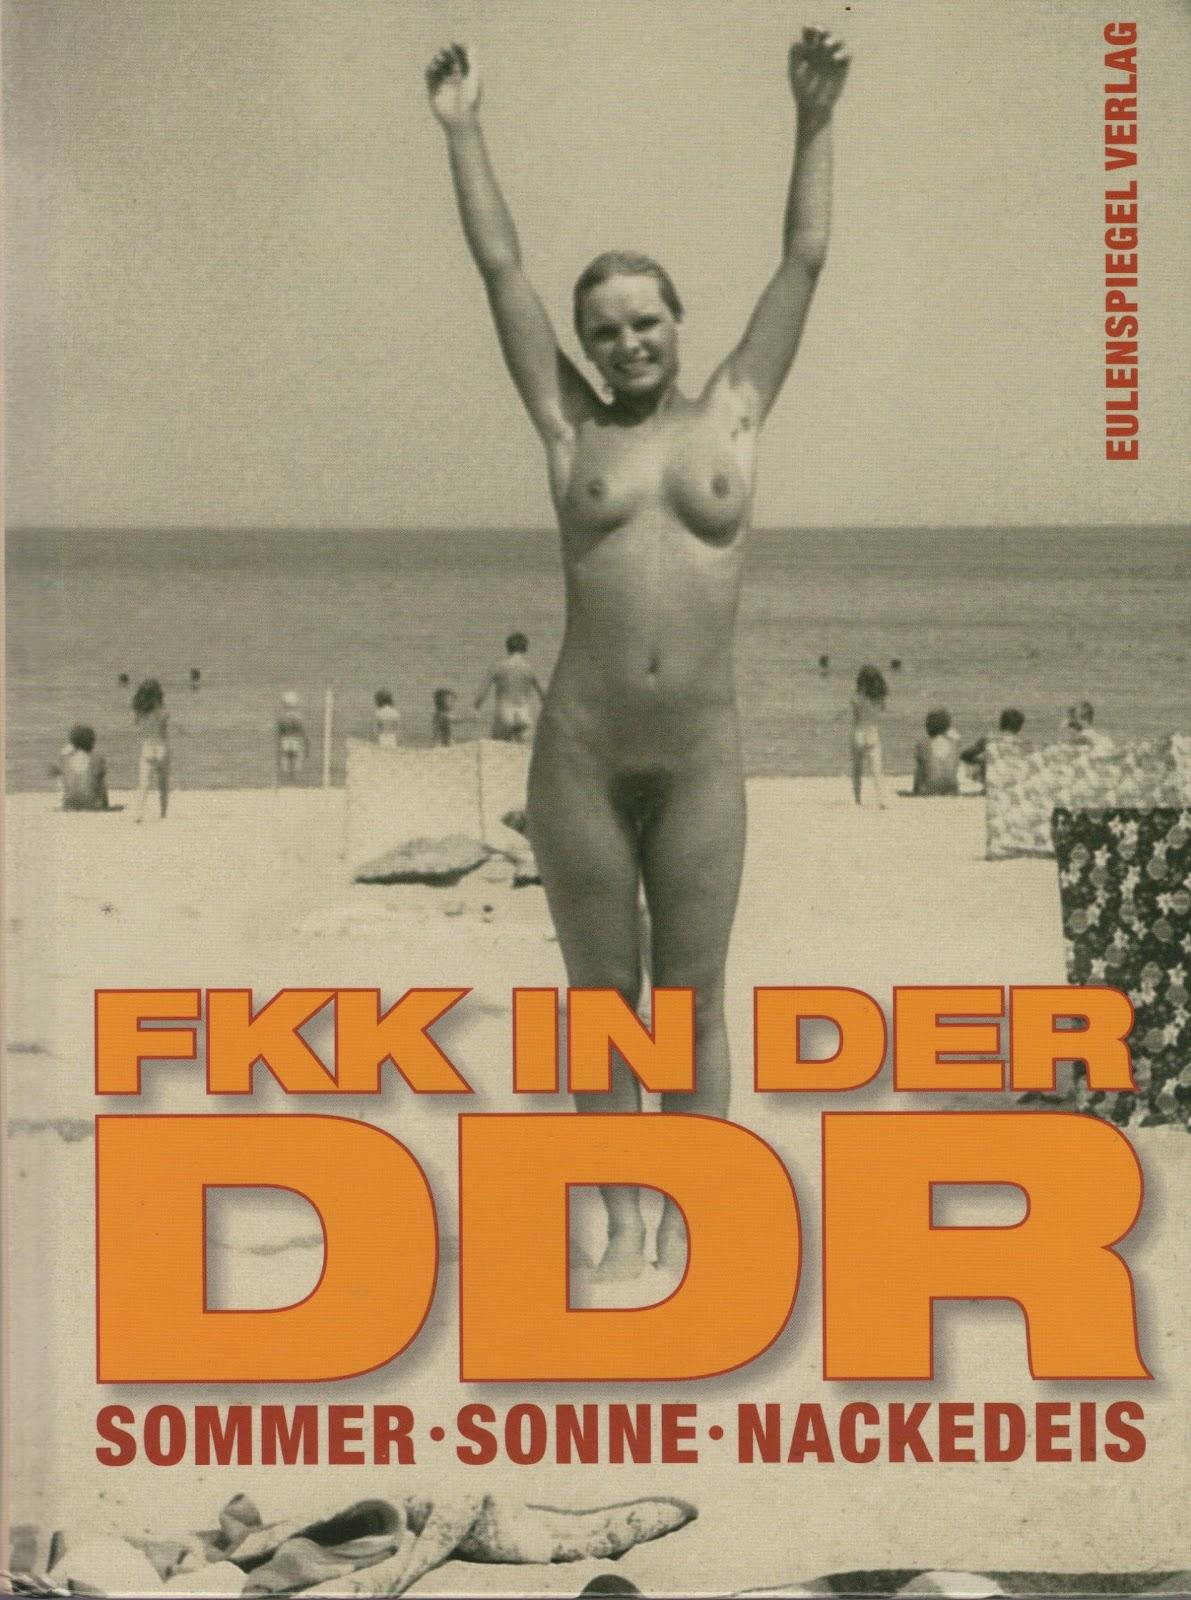 Нудисты из ГДР